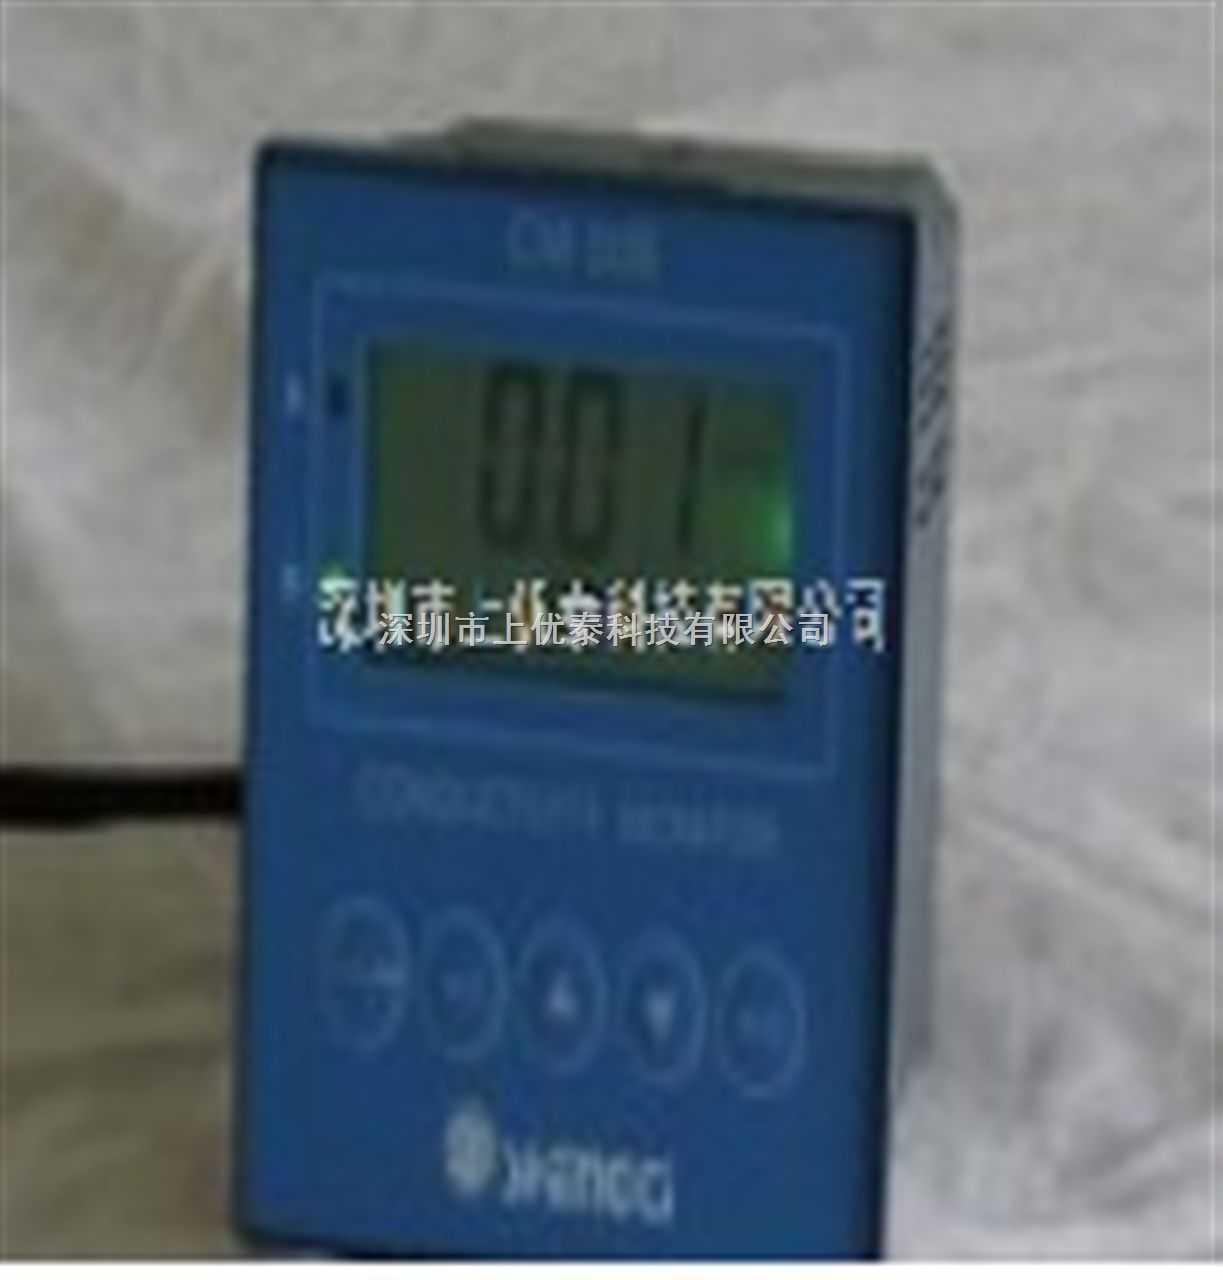 電阻率控制儀,電導電阻,電阻率測量儀